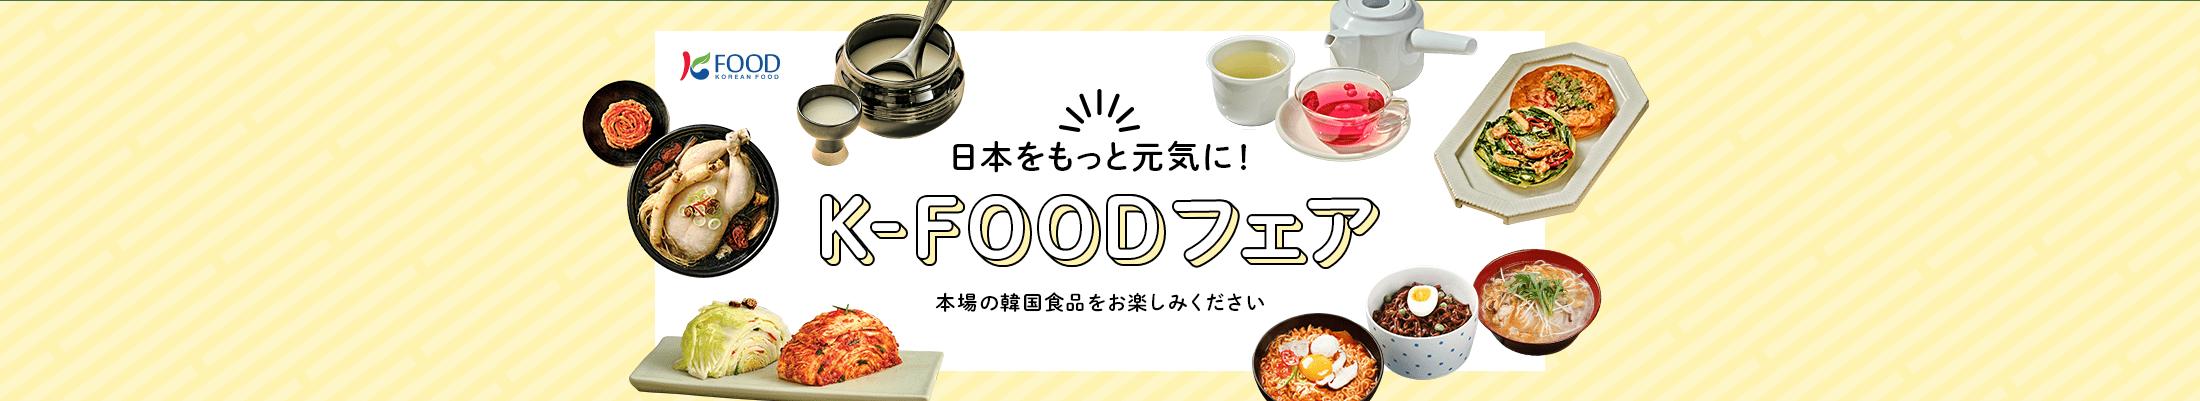 日本をもっと元気に! K-FOODフェア 本場の韓国食品をお楽しみください